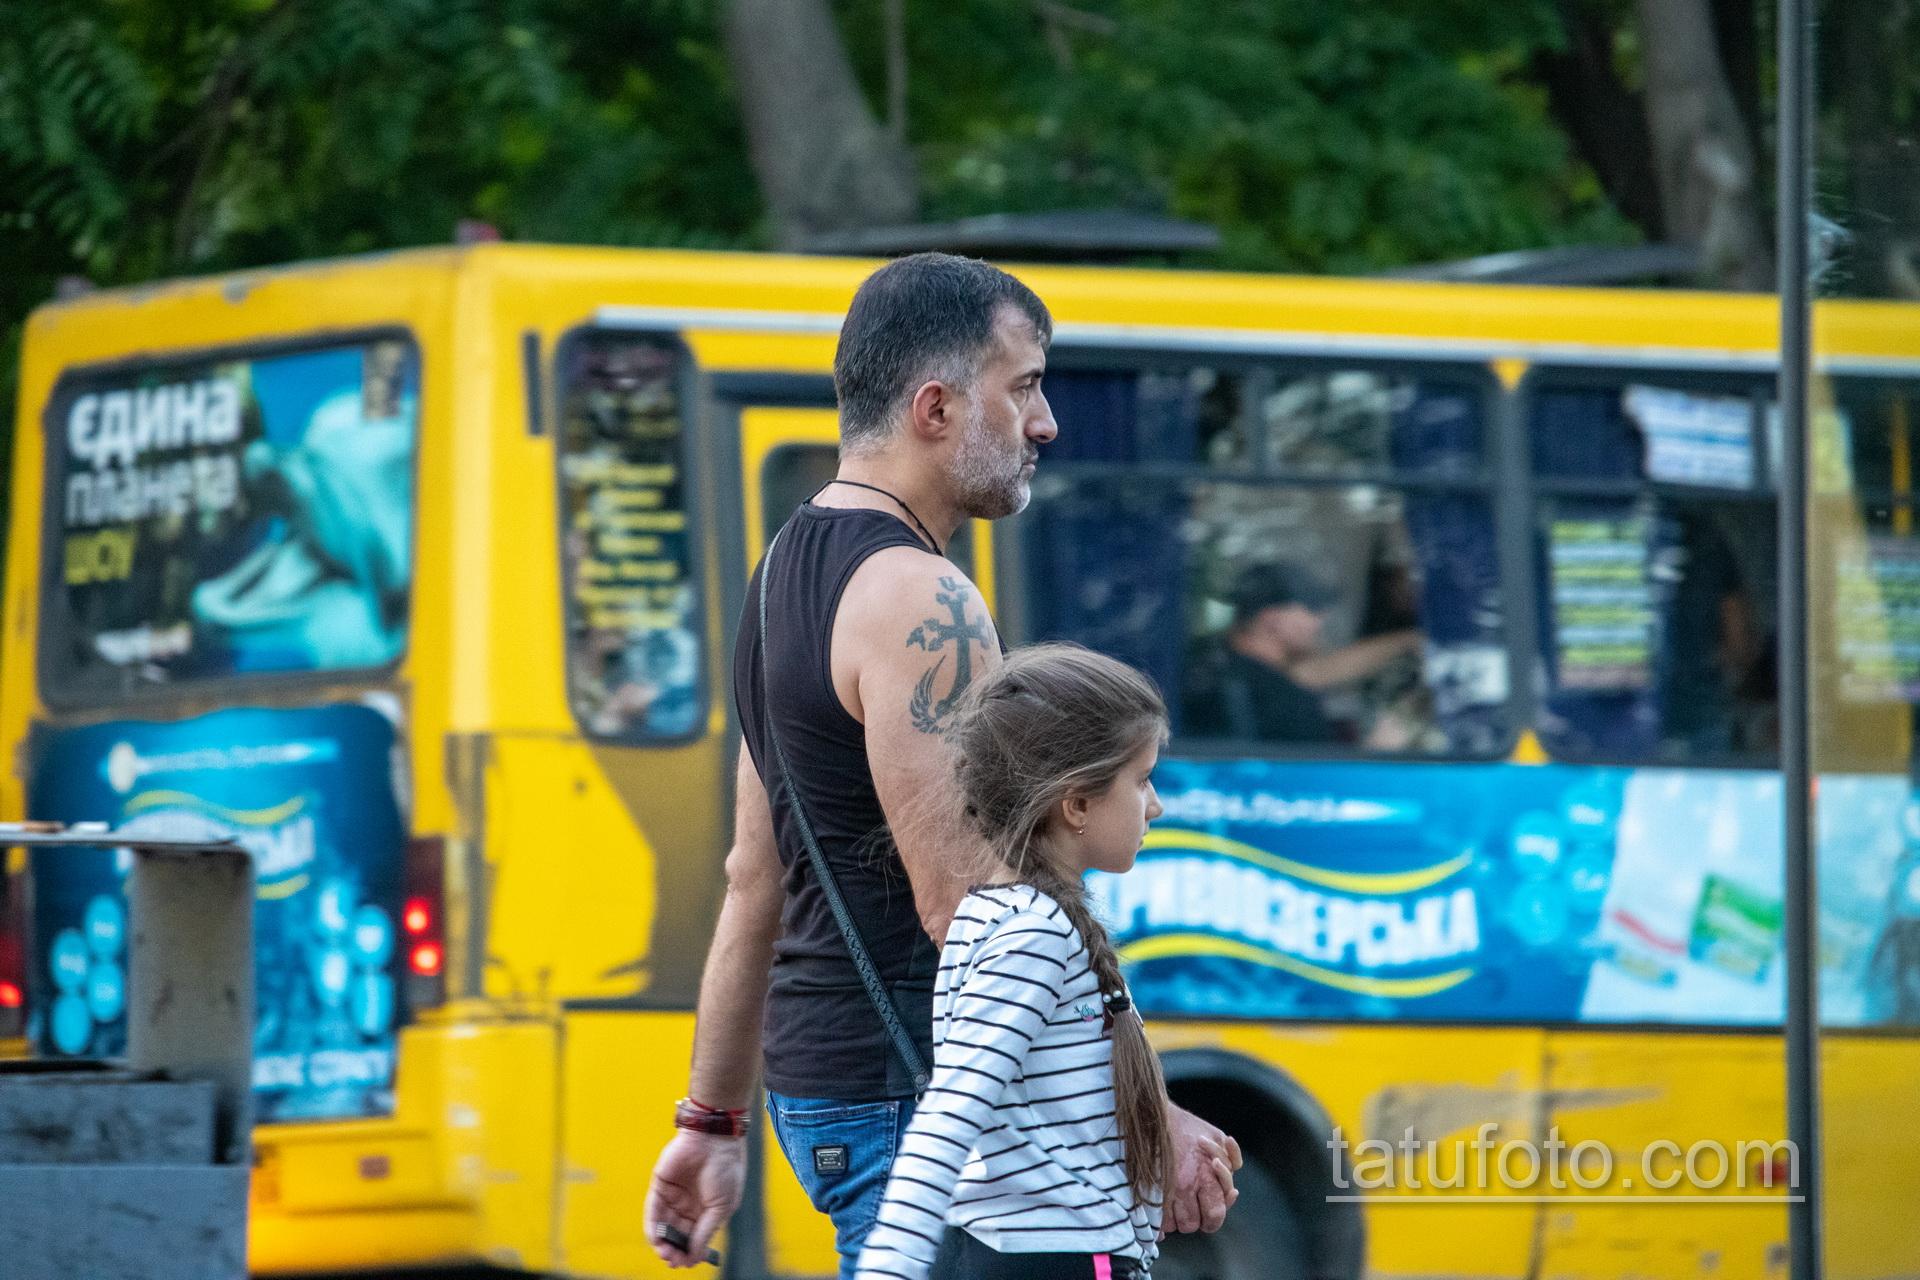 Тату крест и крылья на правом плече мужчины - Уличная татуировка 14.09.2020 – tatufoto.com 7